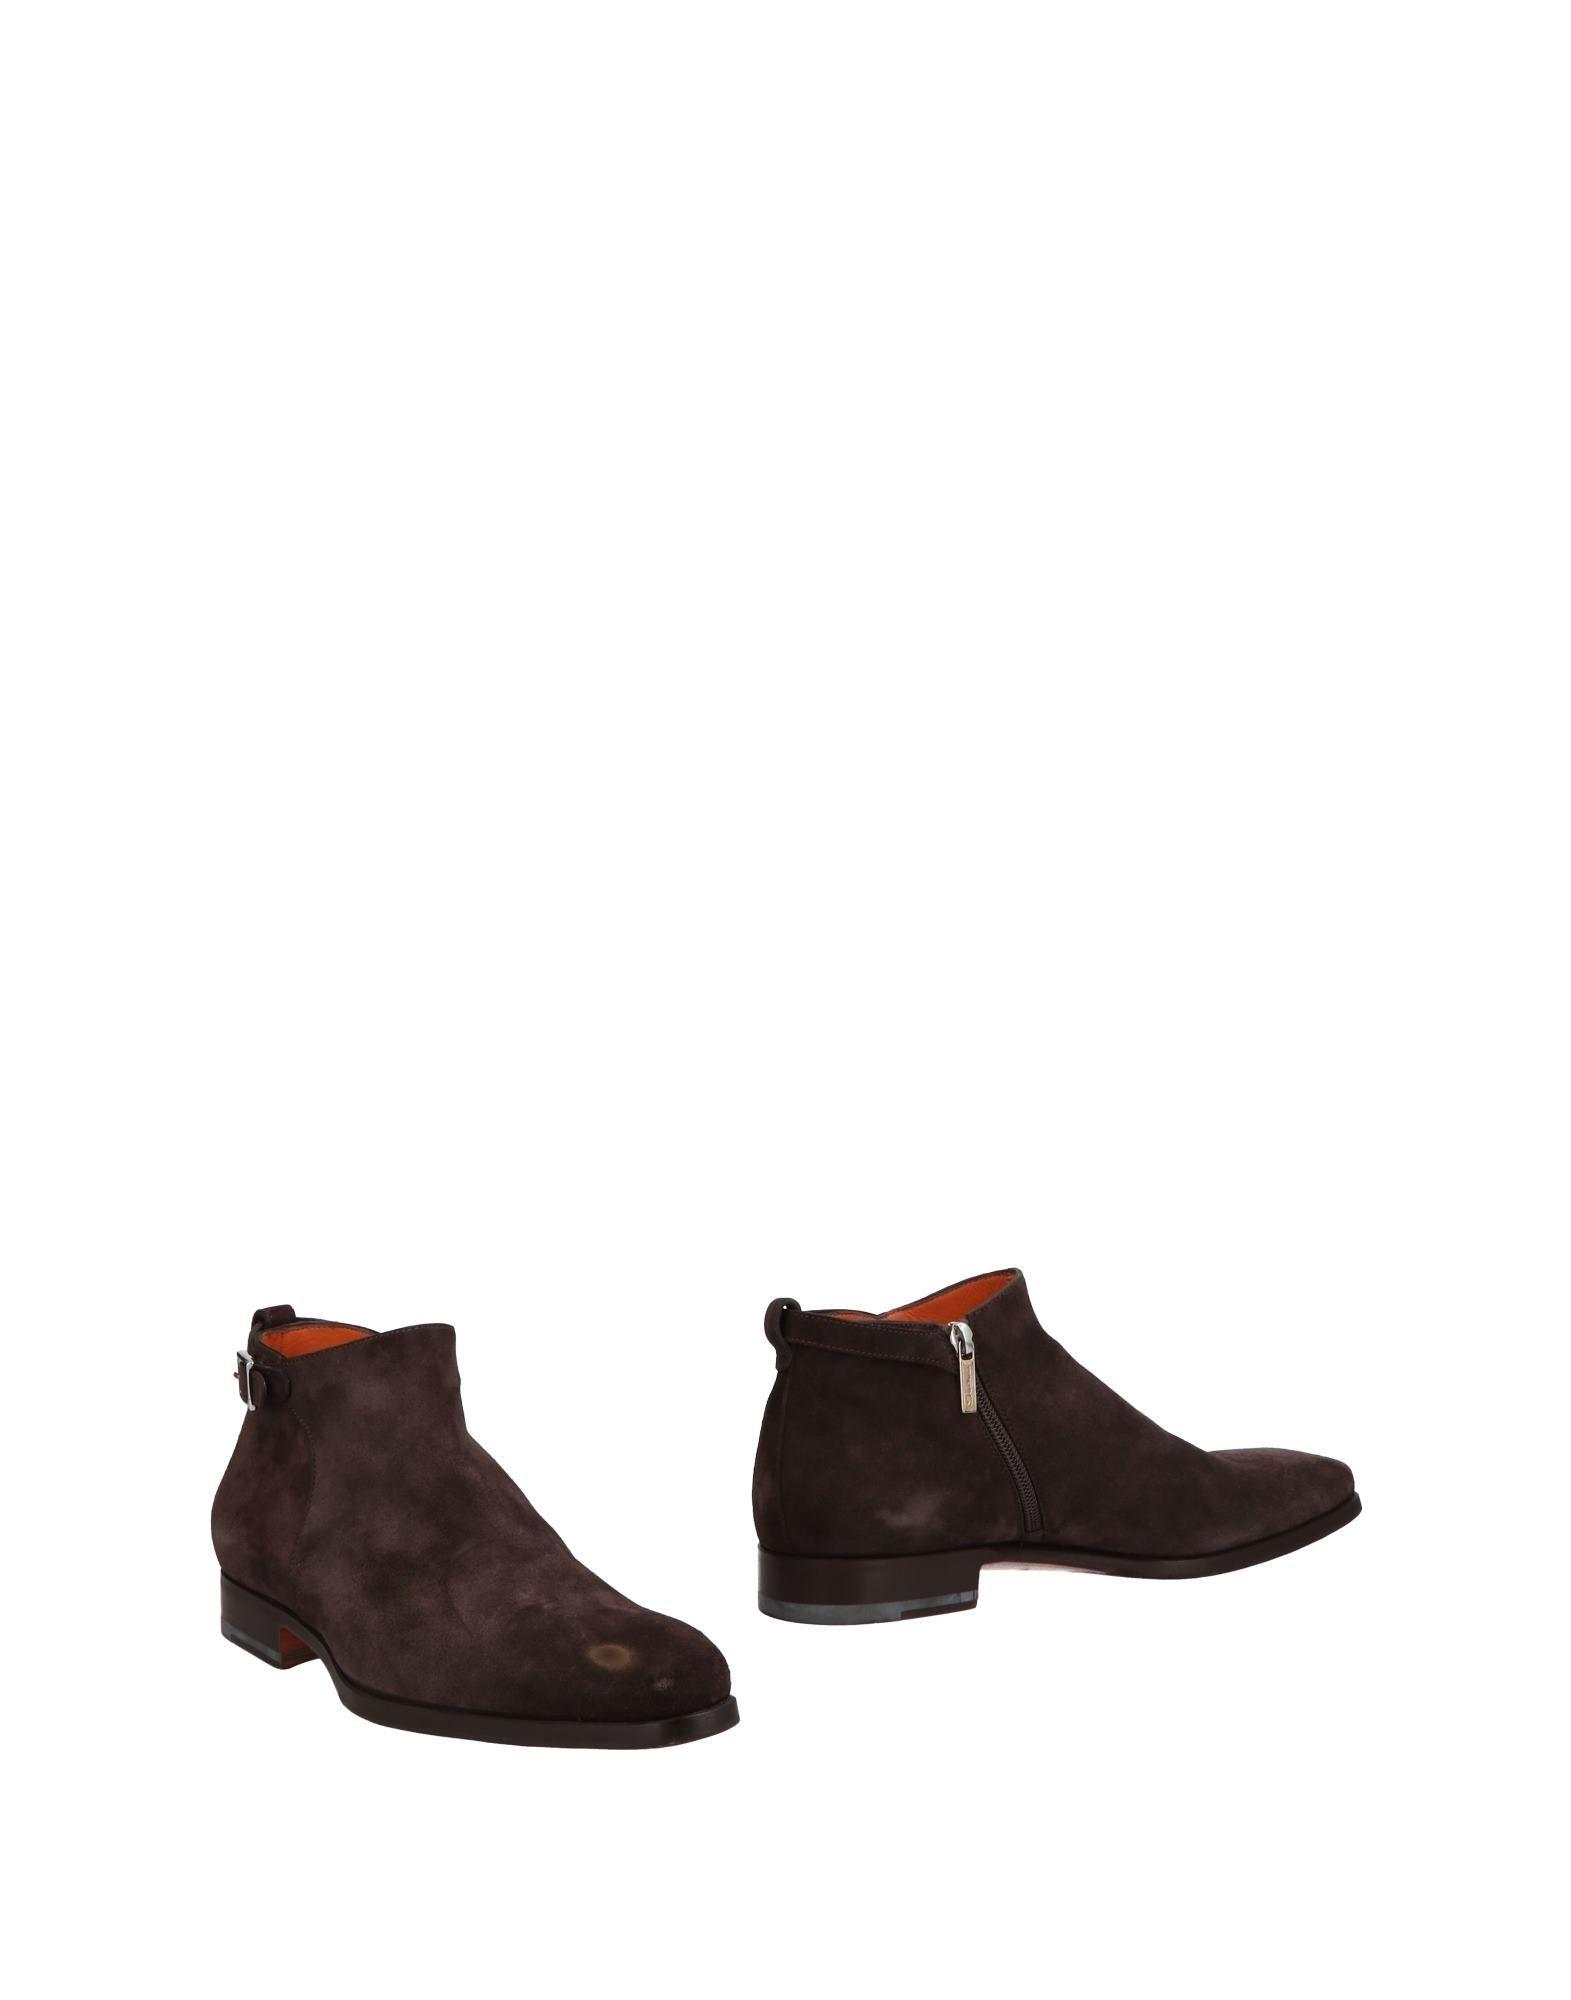 Santoni Stiefelette Herren  11488349OL Gute Qualität beliebte Schuhe